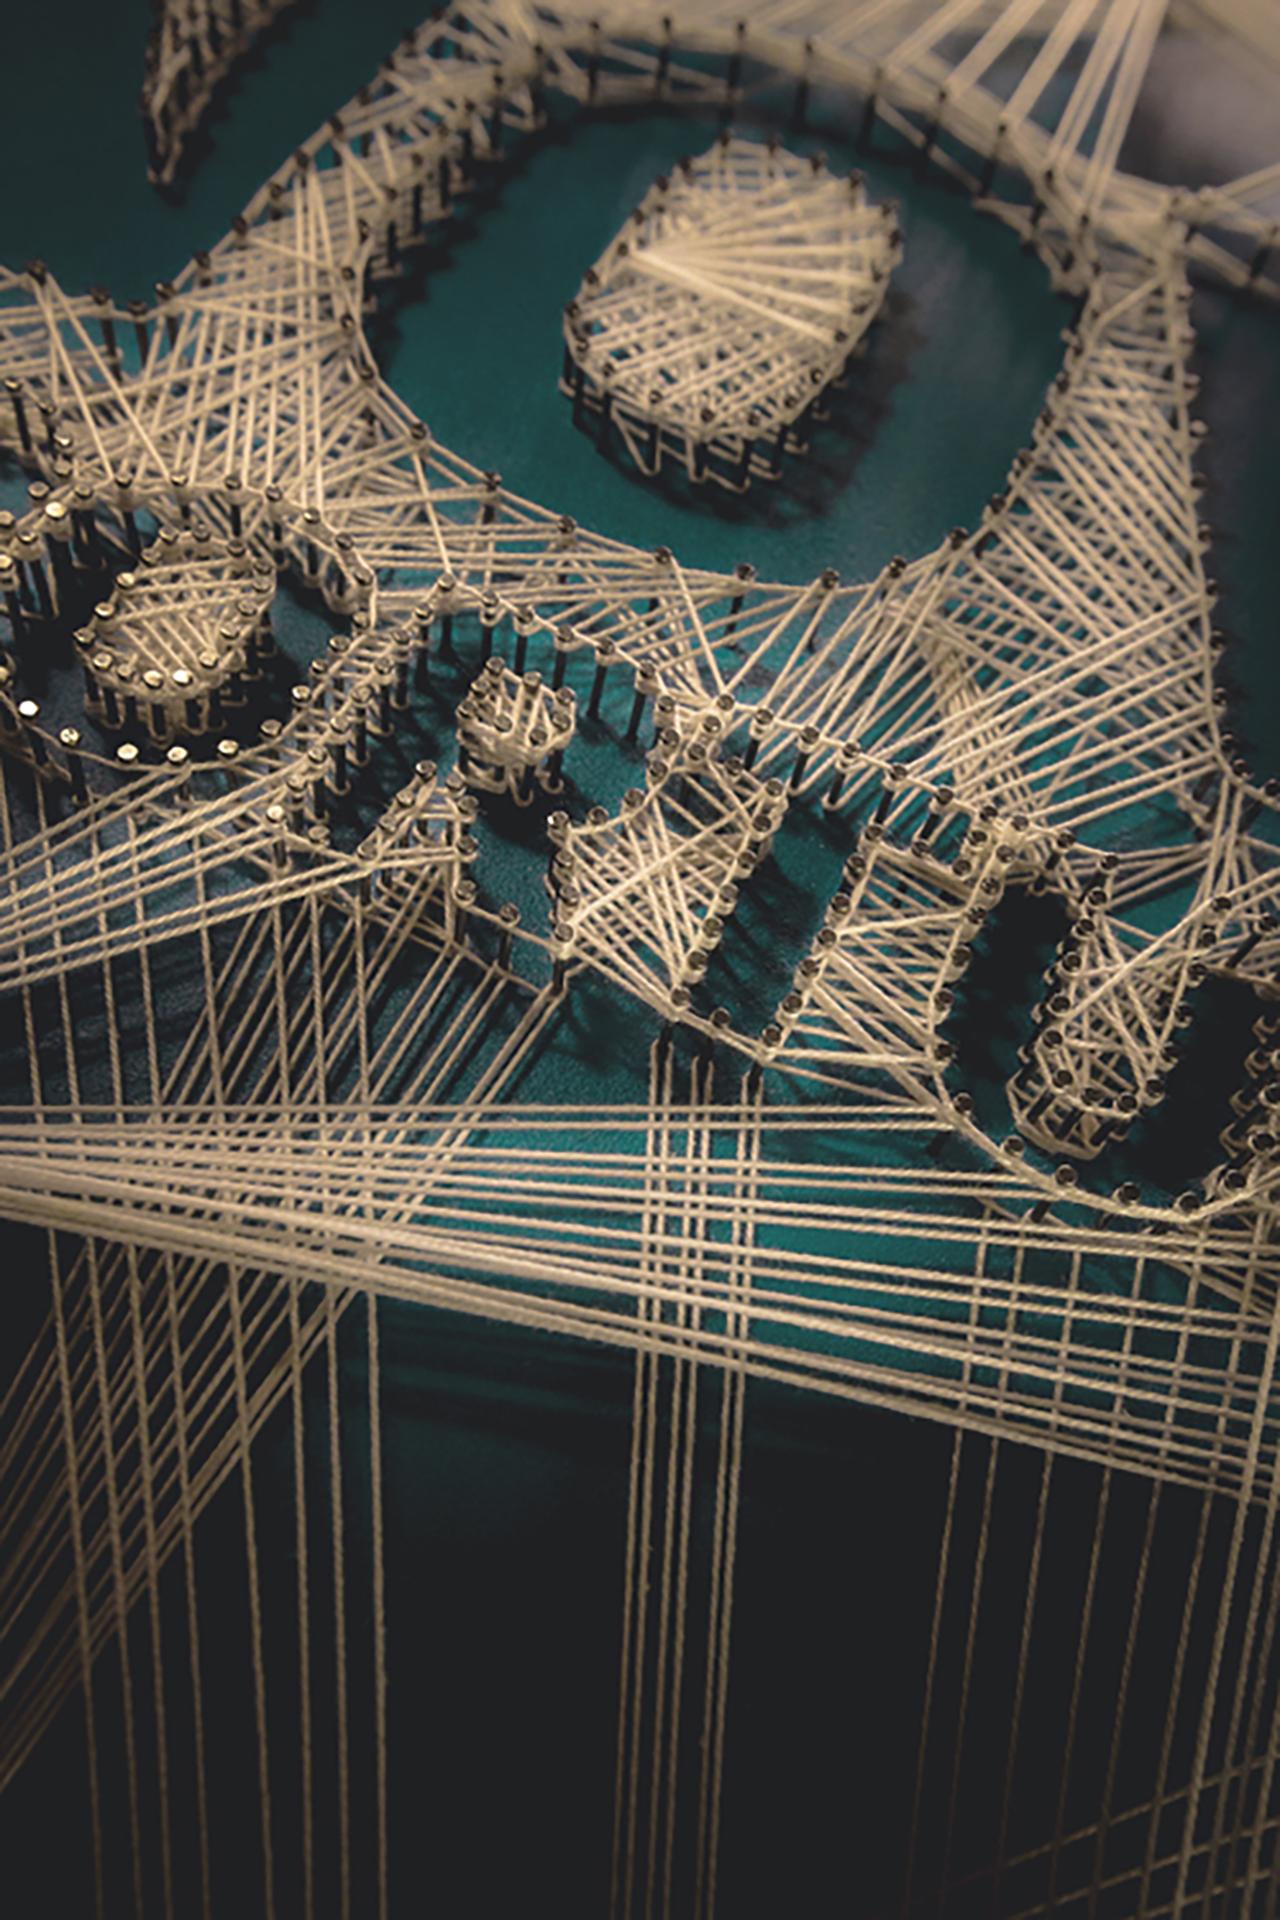 Acredita-Portugal-bonjourmolotov-Inov-Portugal-Realize-o-seu-sonho-Concursos-Empreendedorismo-Poster-Cartaz-Design-Experimental-Typography-Type-String-Handmade-08+N.jpg